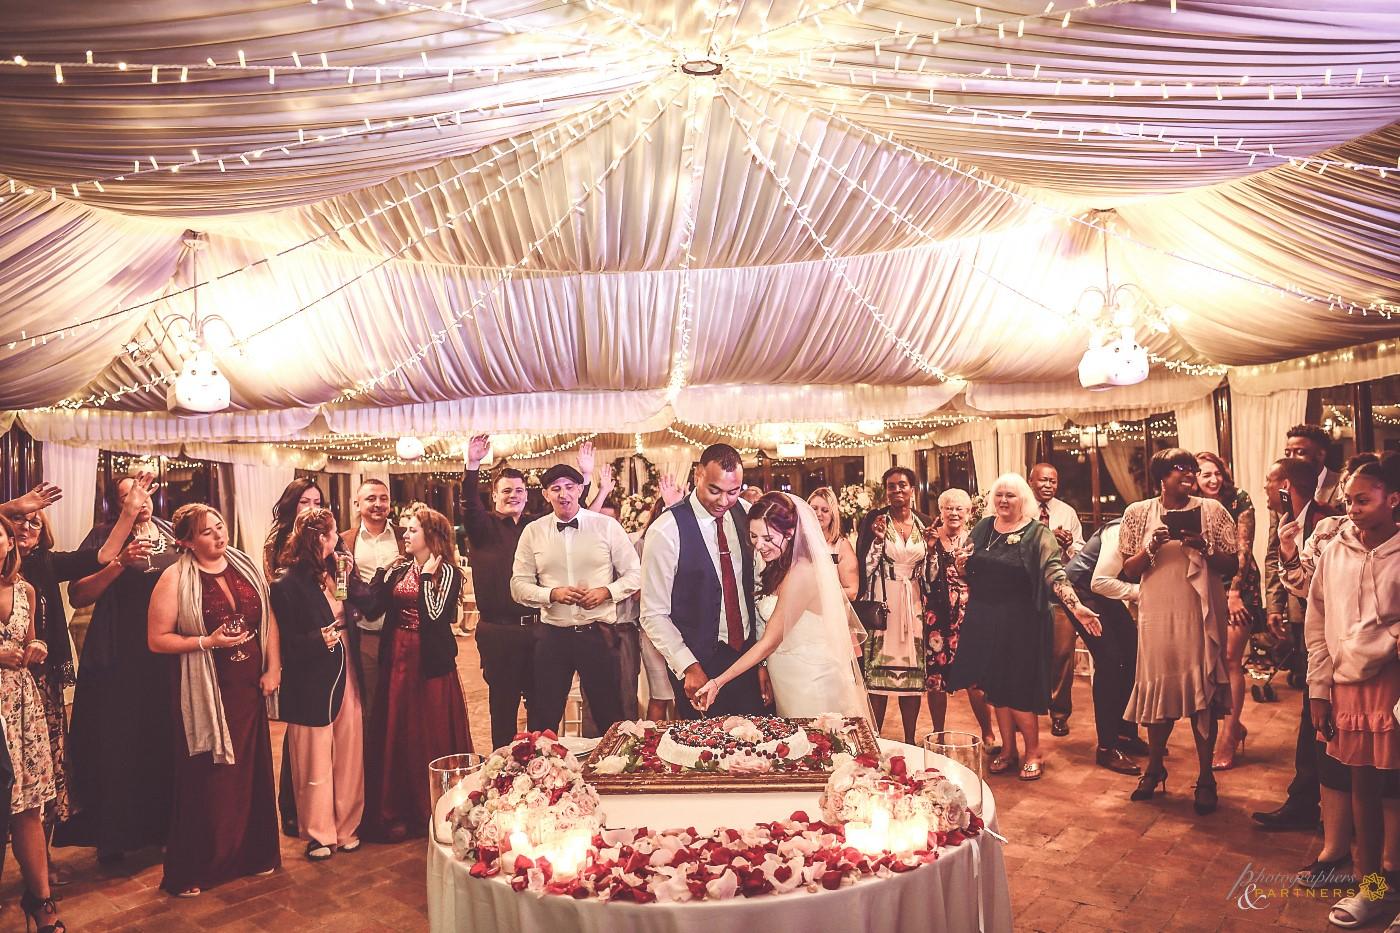 photographer_weddings_baroncino_18.jpg